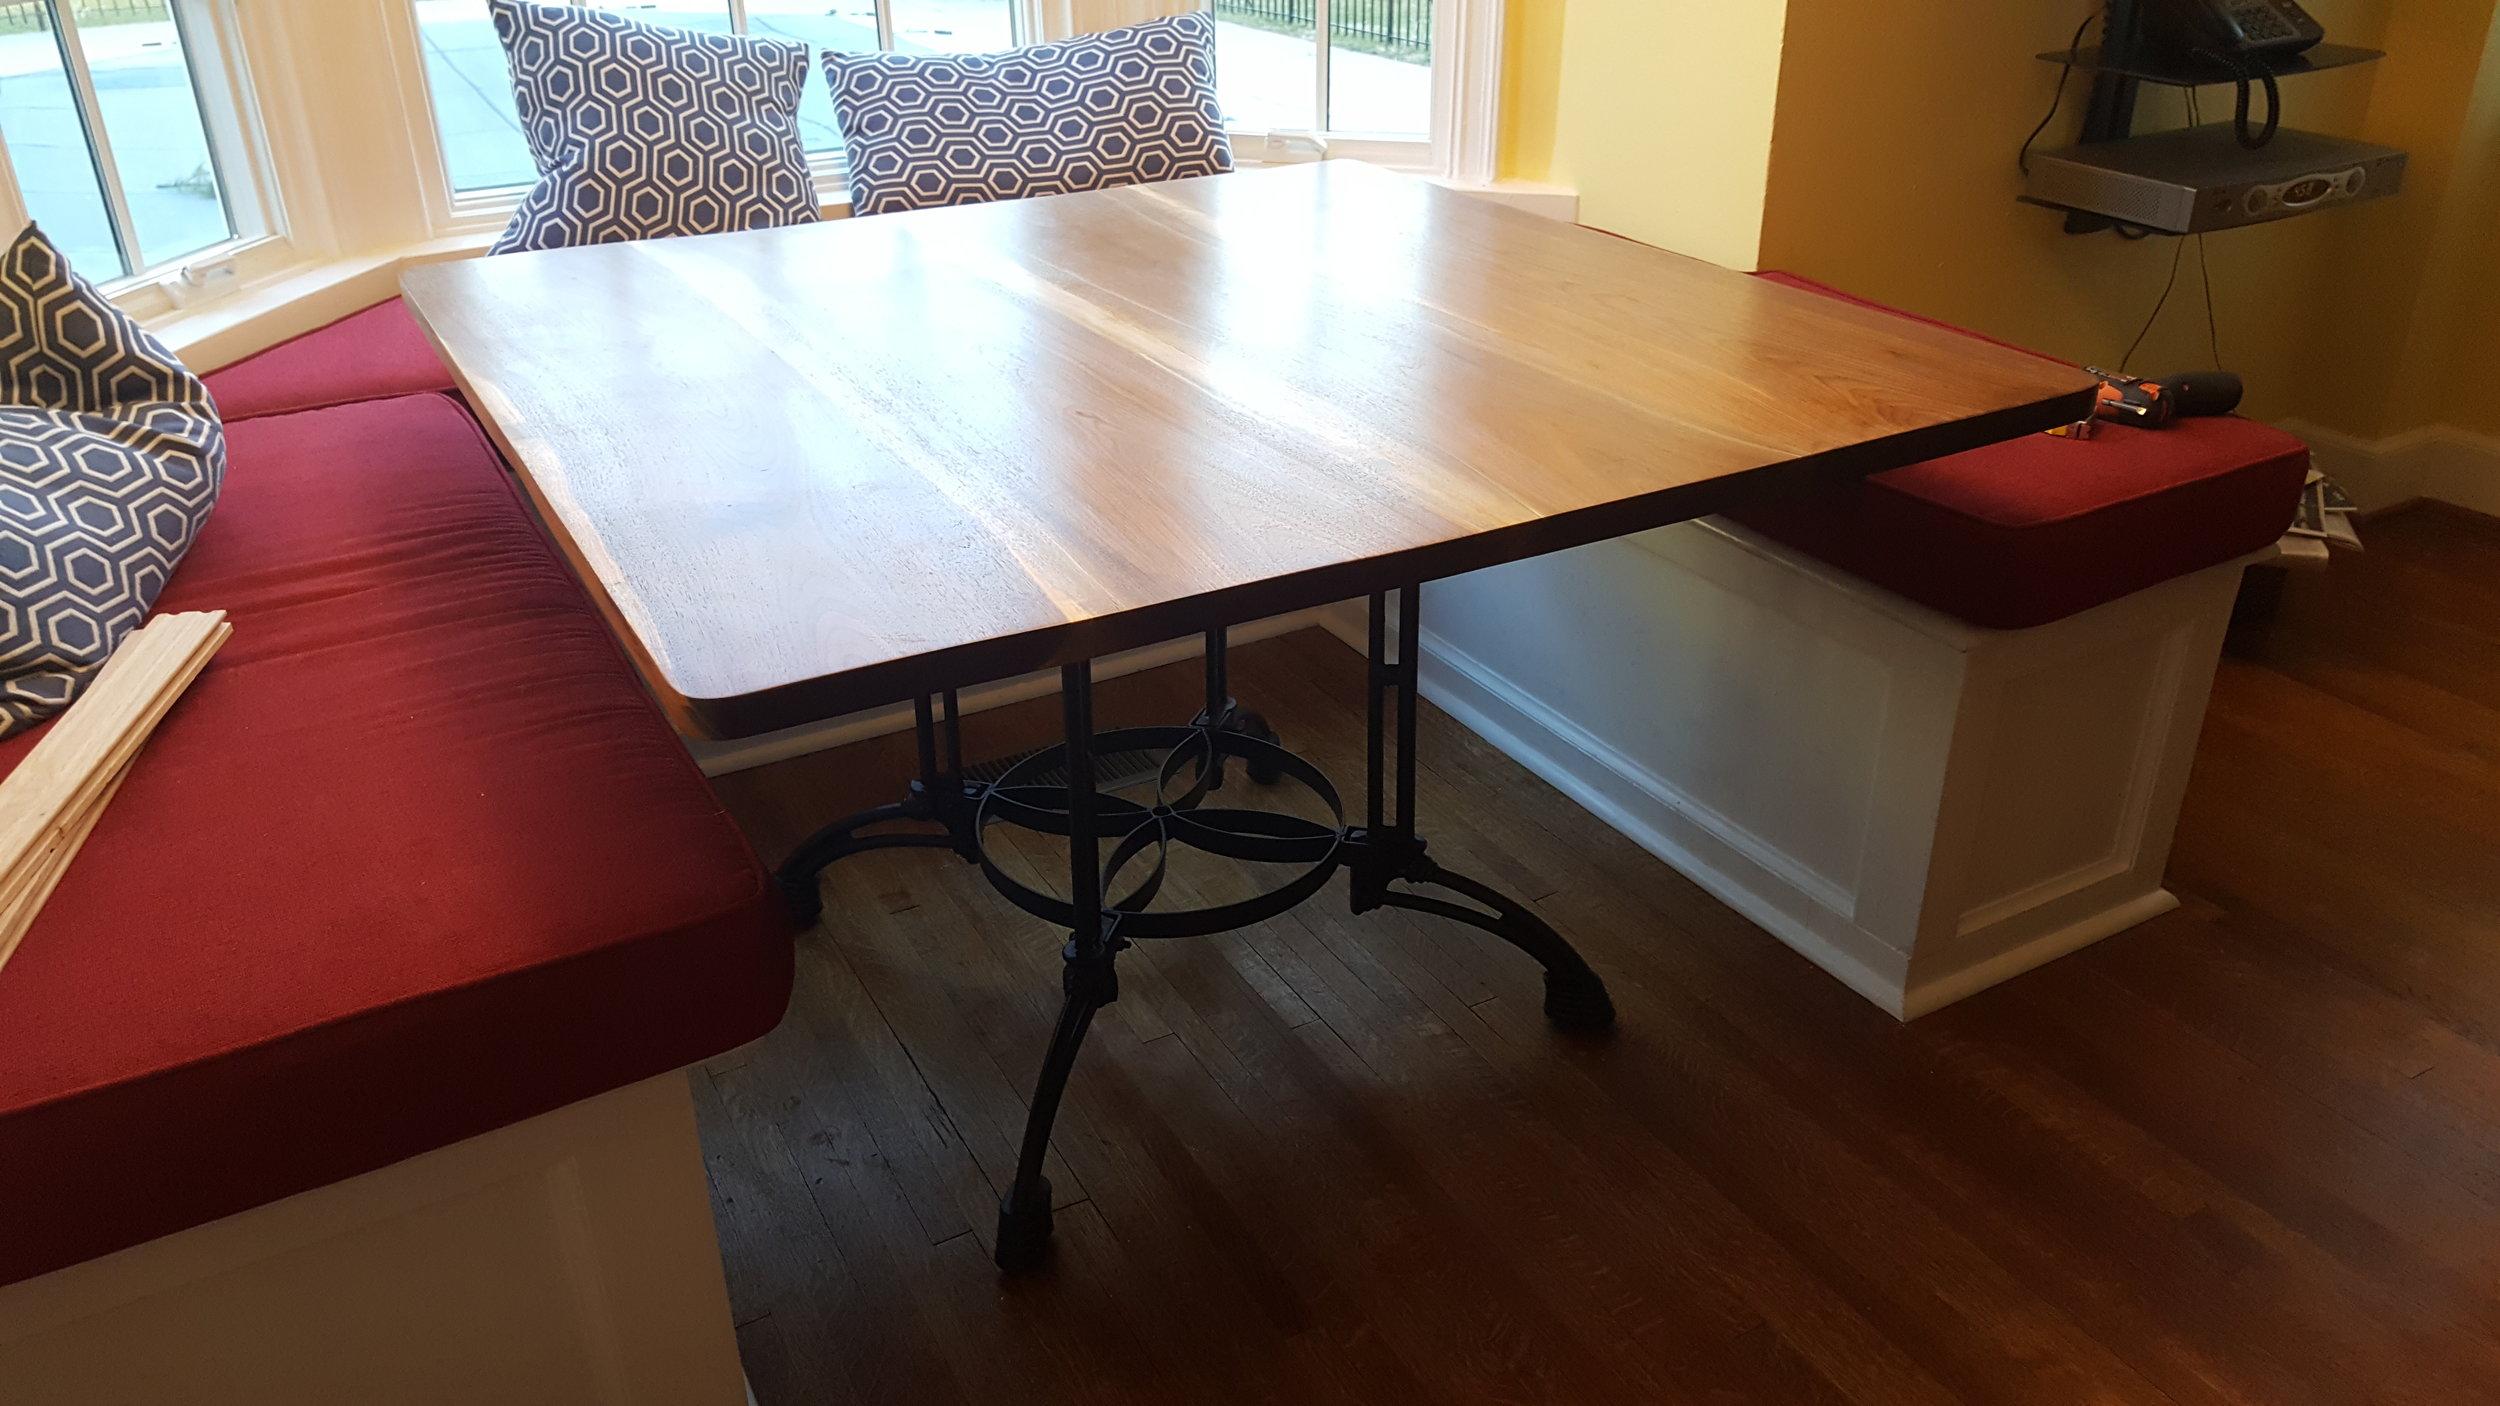 Stadtmaurer table.jpg